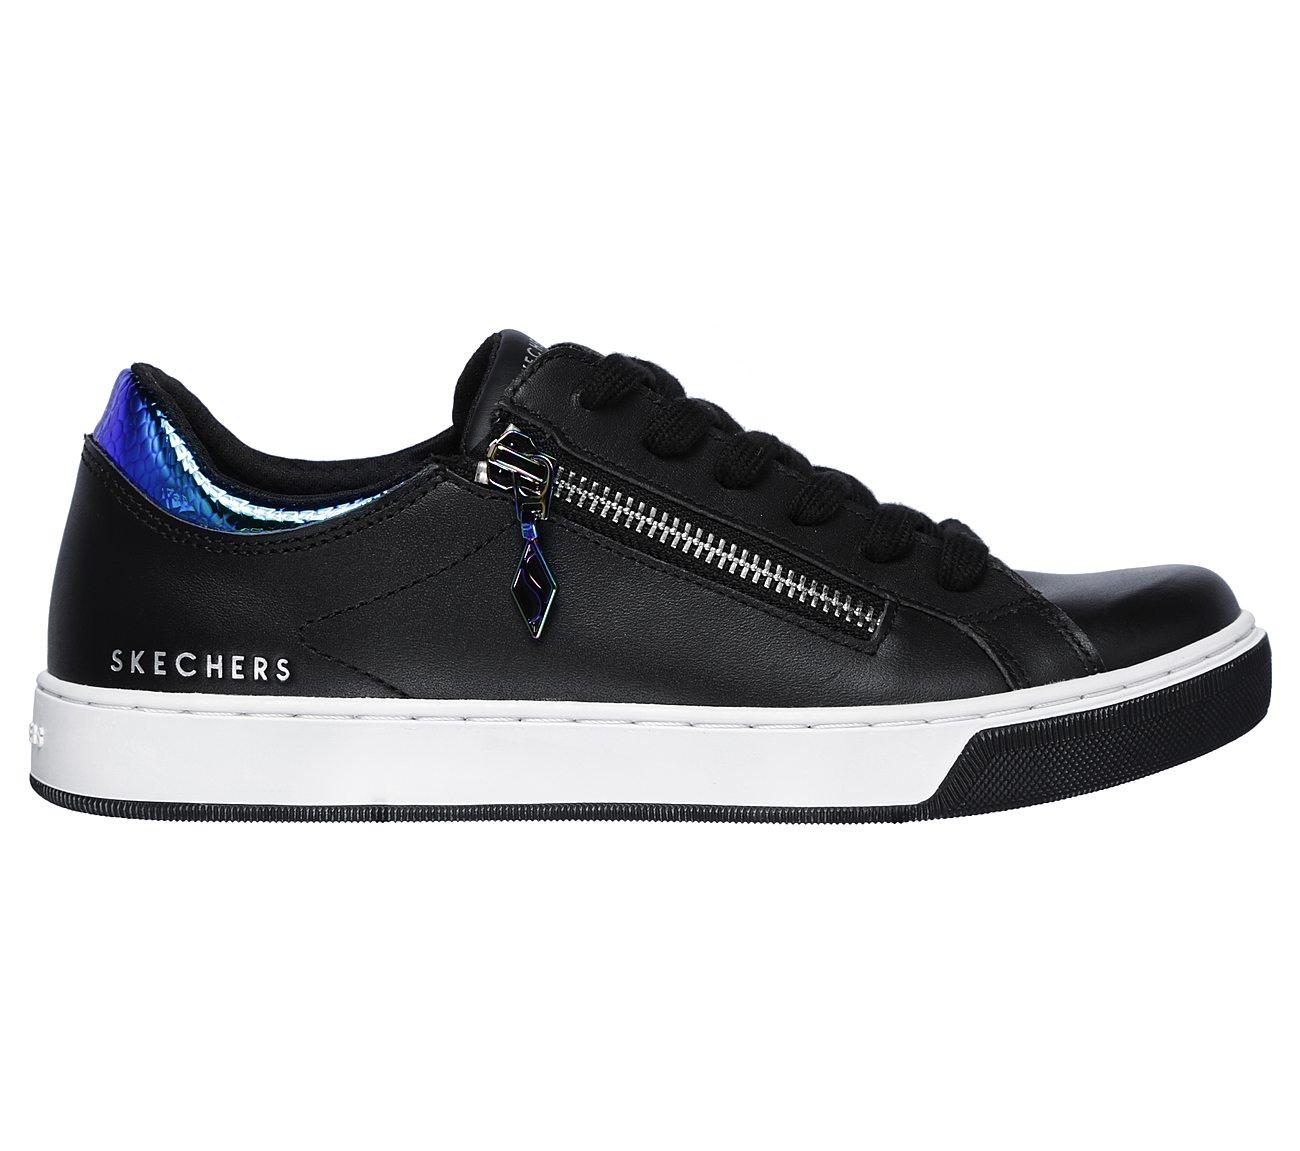 d7c1ff76 Buy SKECHERS Prima - Zip Siders SKECHER Street Shoes only $49.00